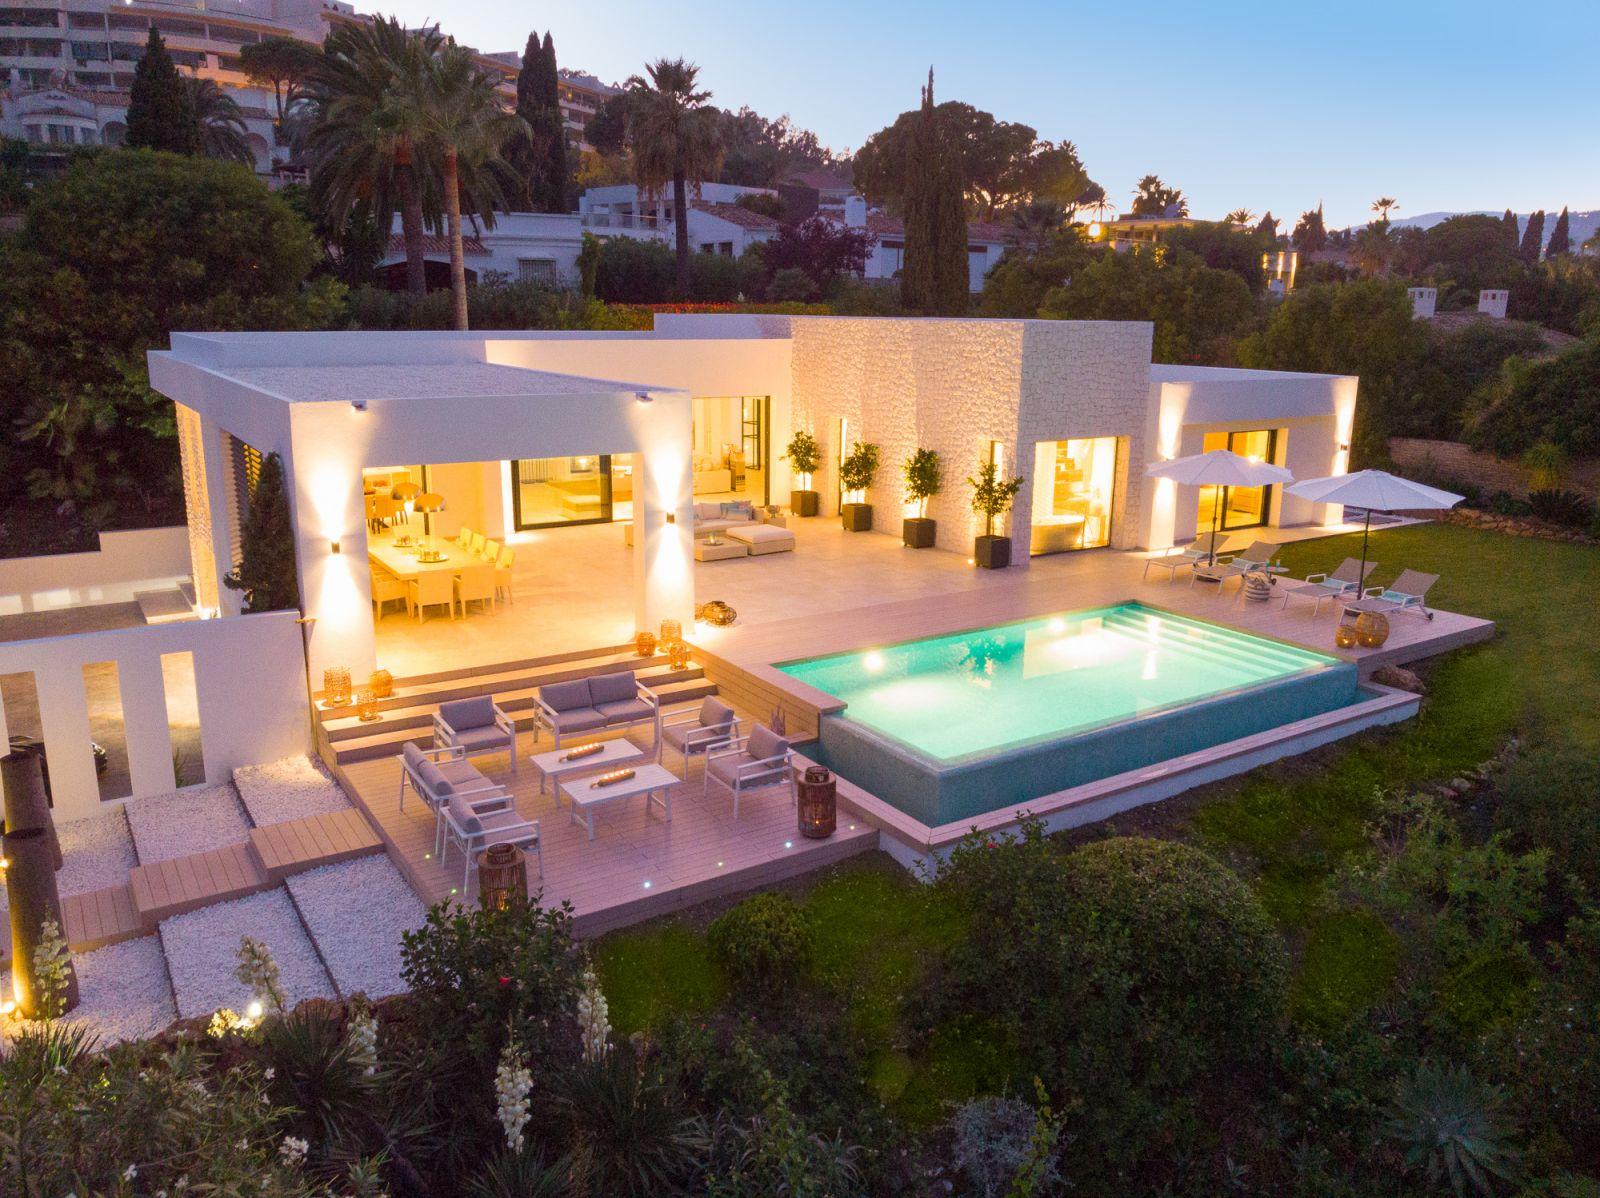 Las Brisas 24 Luxury Villa For Sale in Nueva Andalucia Marbella